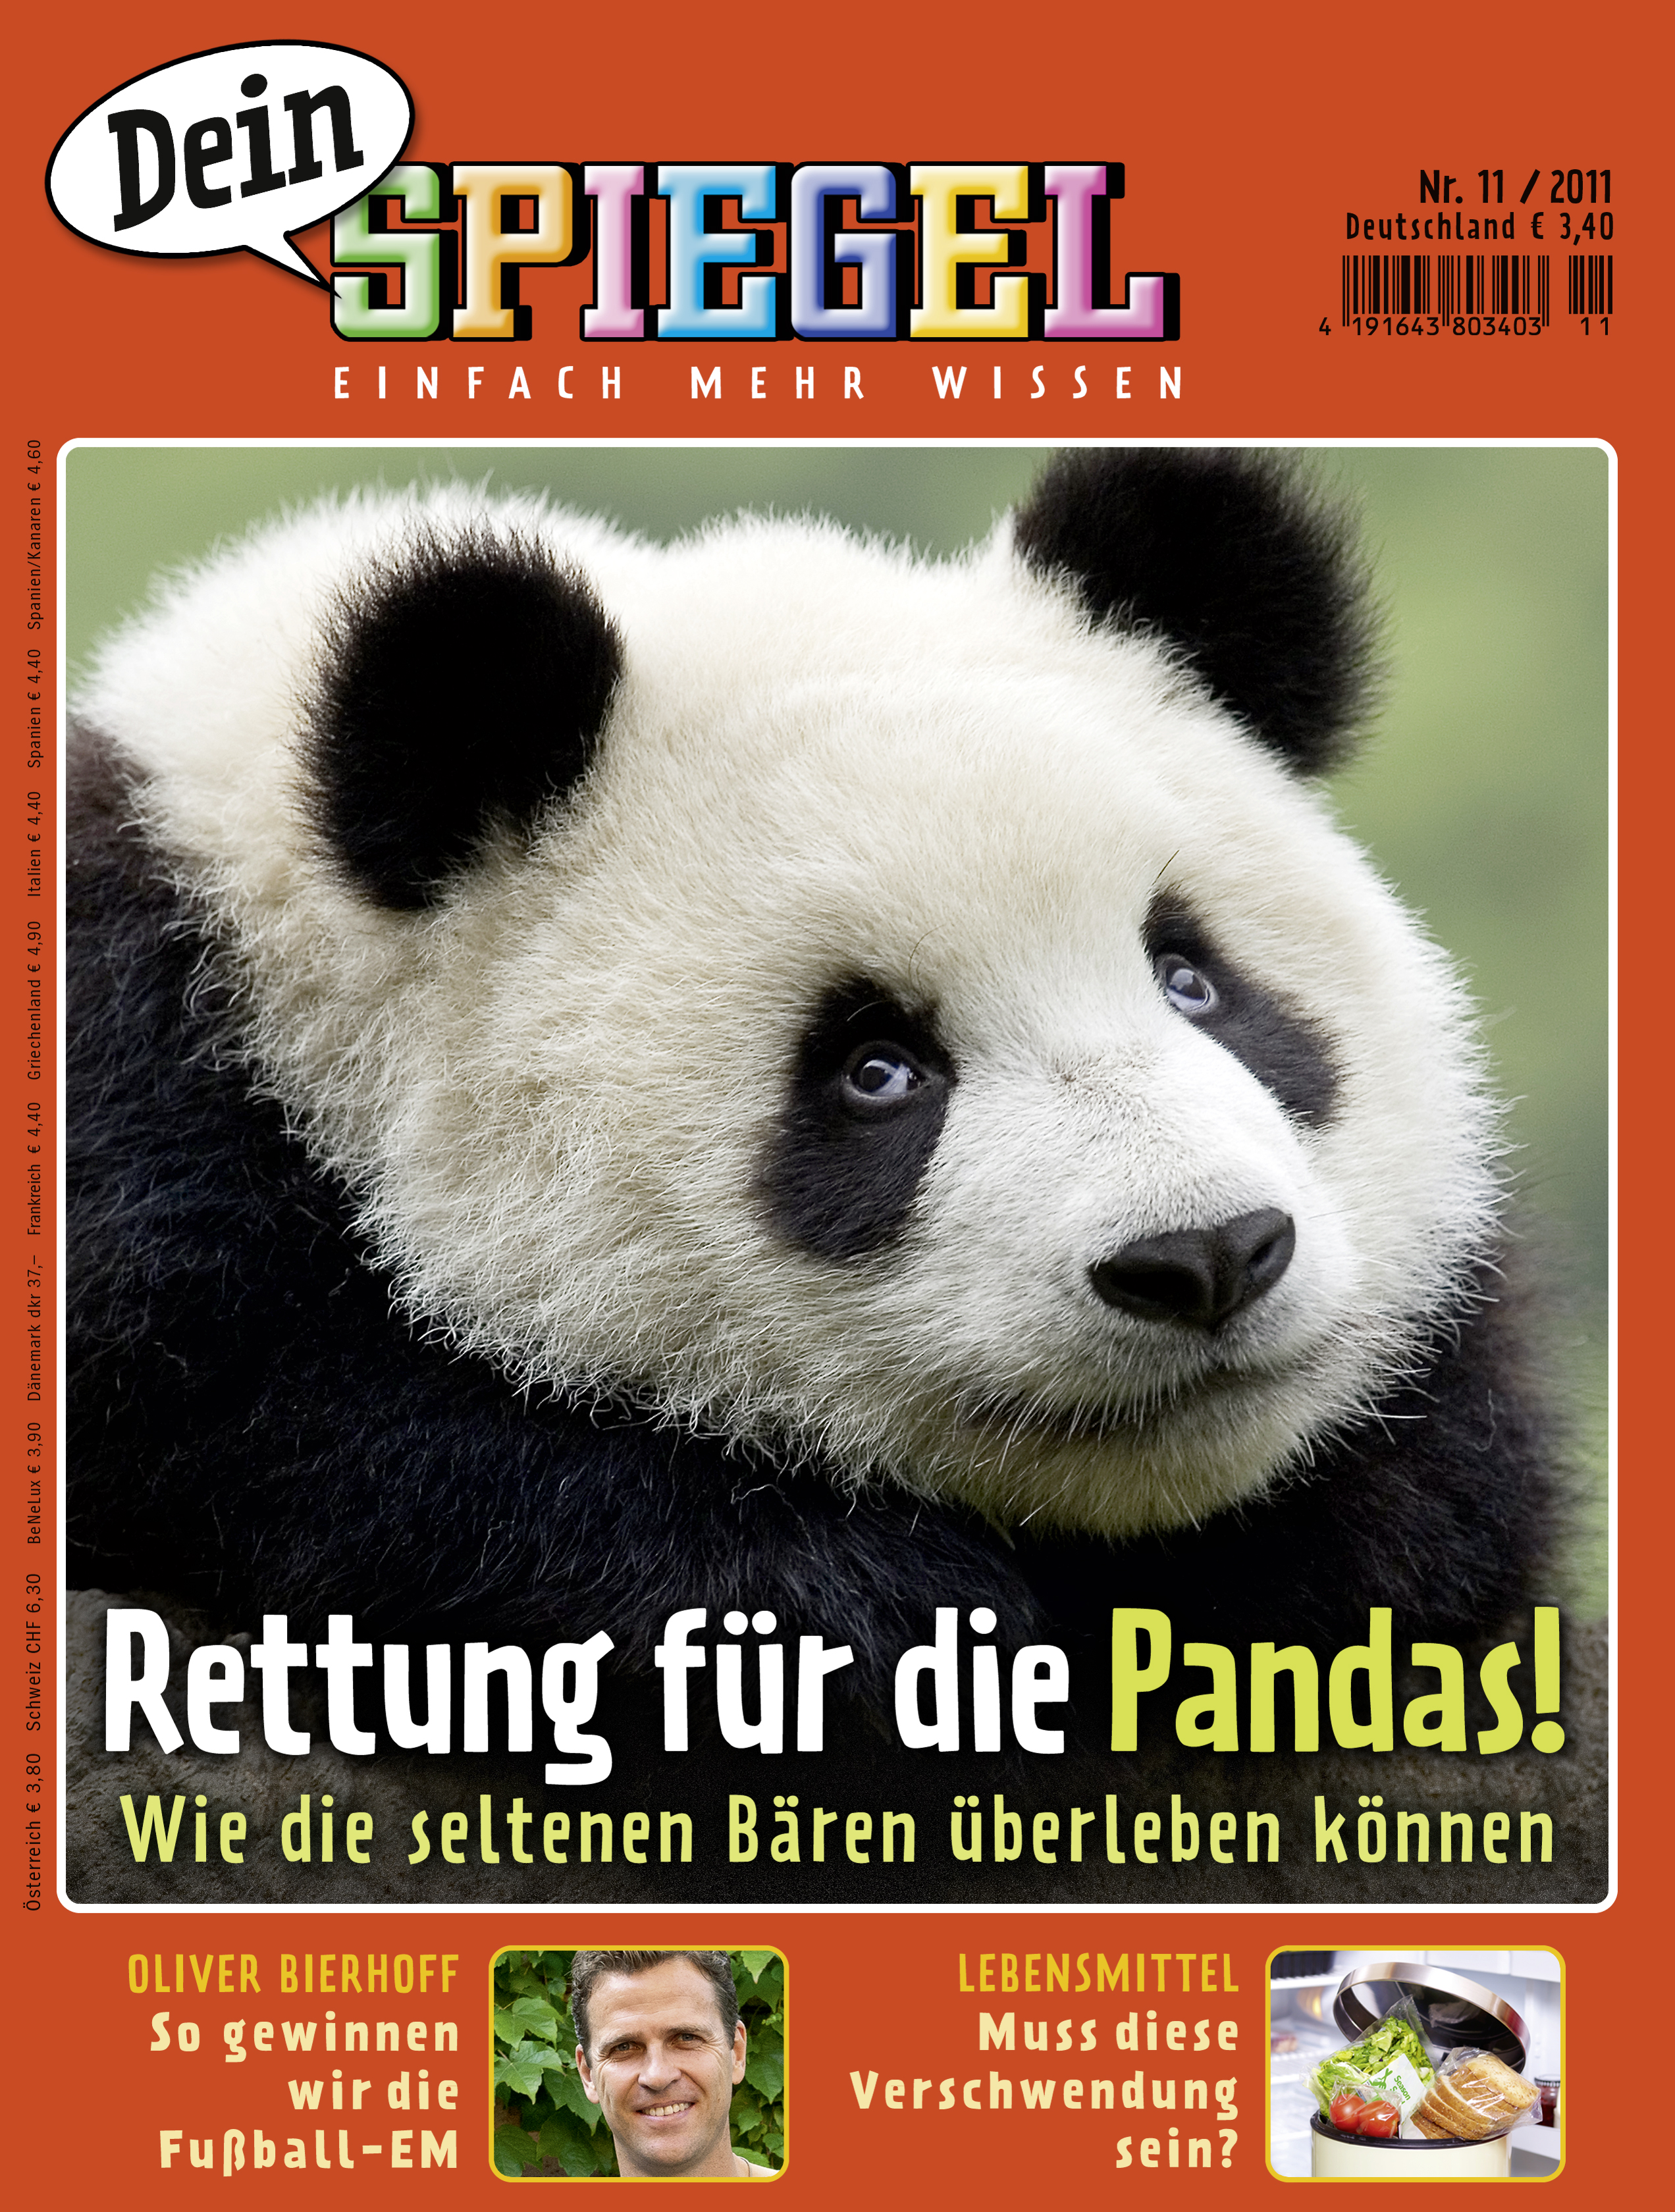 Dein Spiegel – Reportage über Pandas